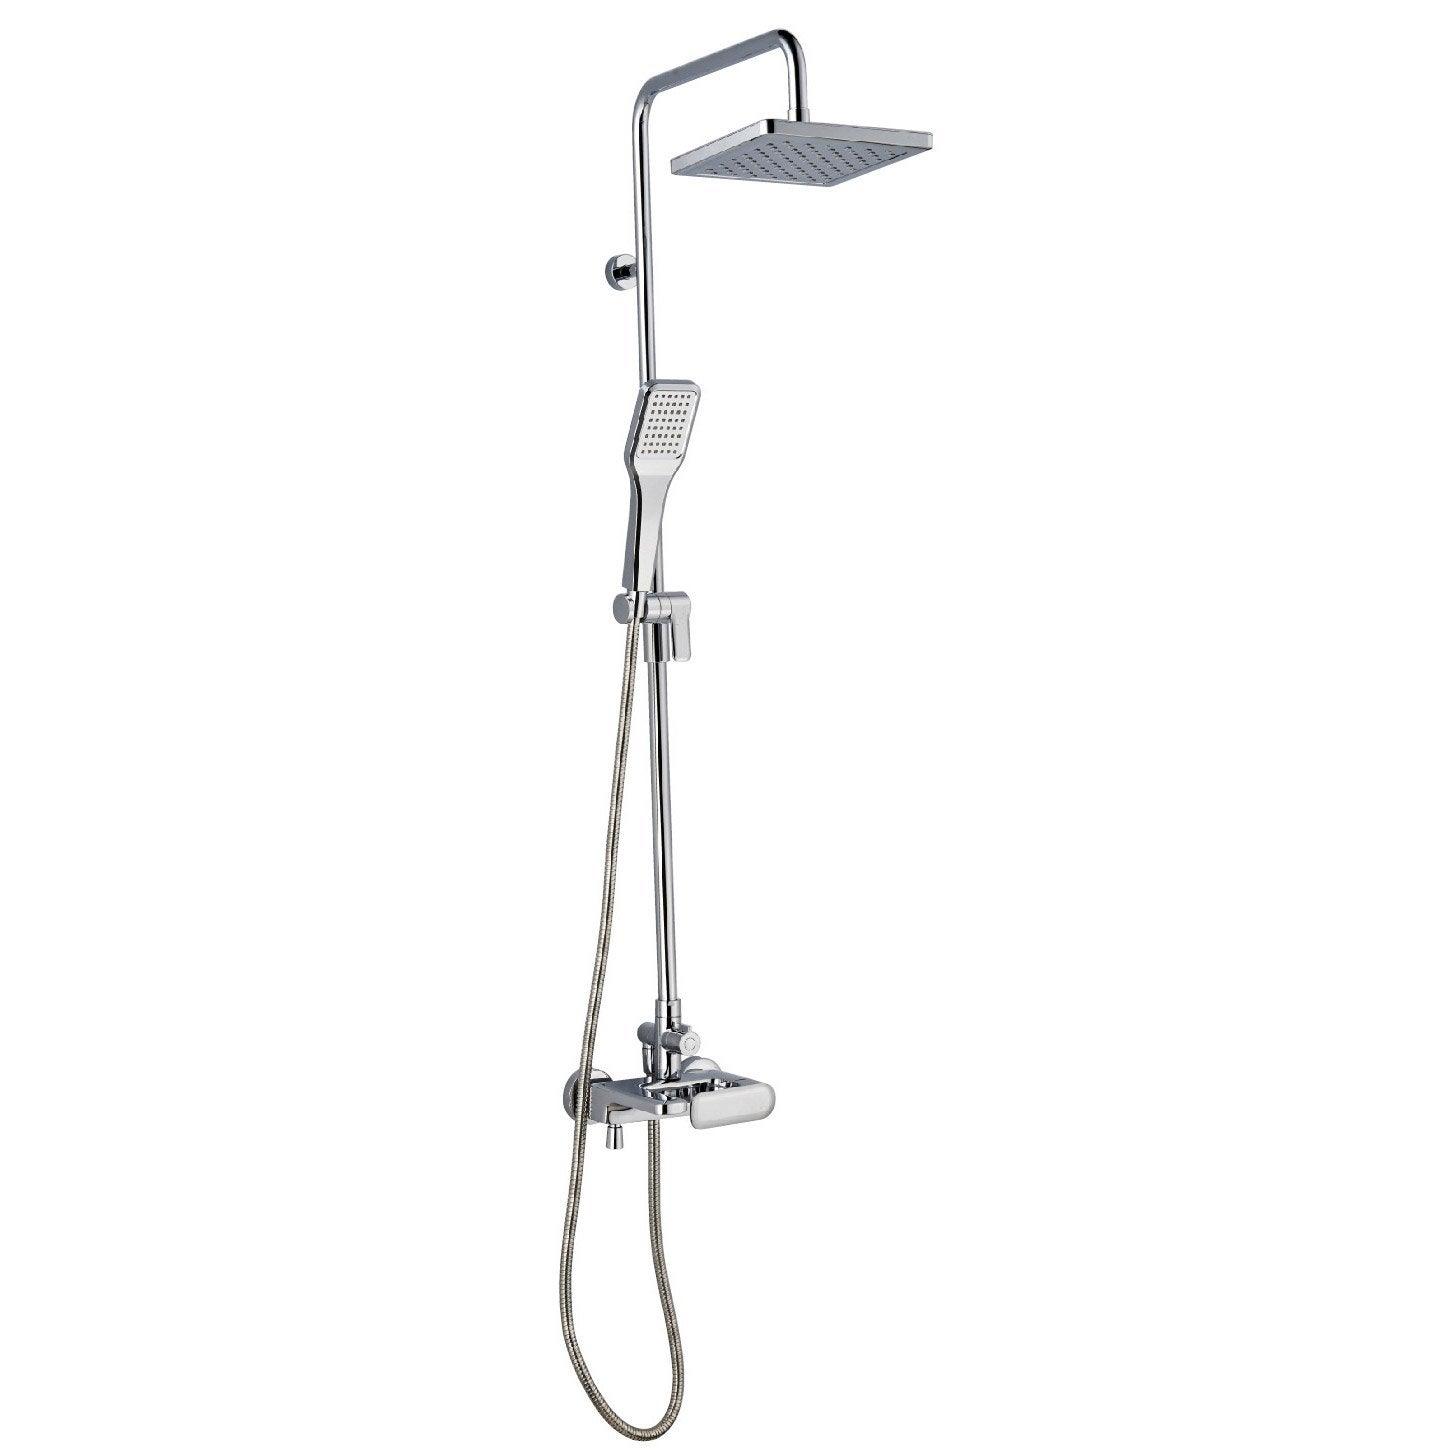 colonne de douche et bain avec robinetterie sensea remix Résultat Supérieur 14 Beau Robinet Douche Bain Photos 2018 Xzw1